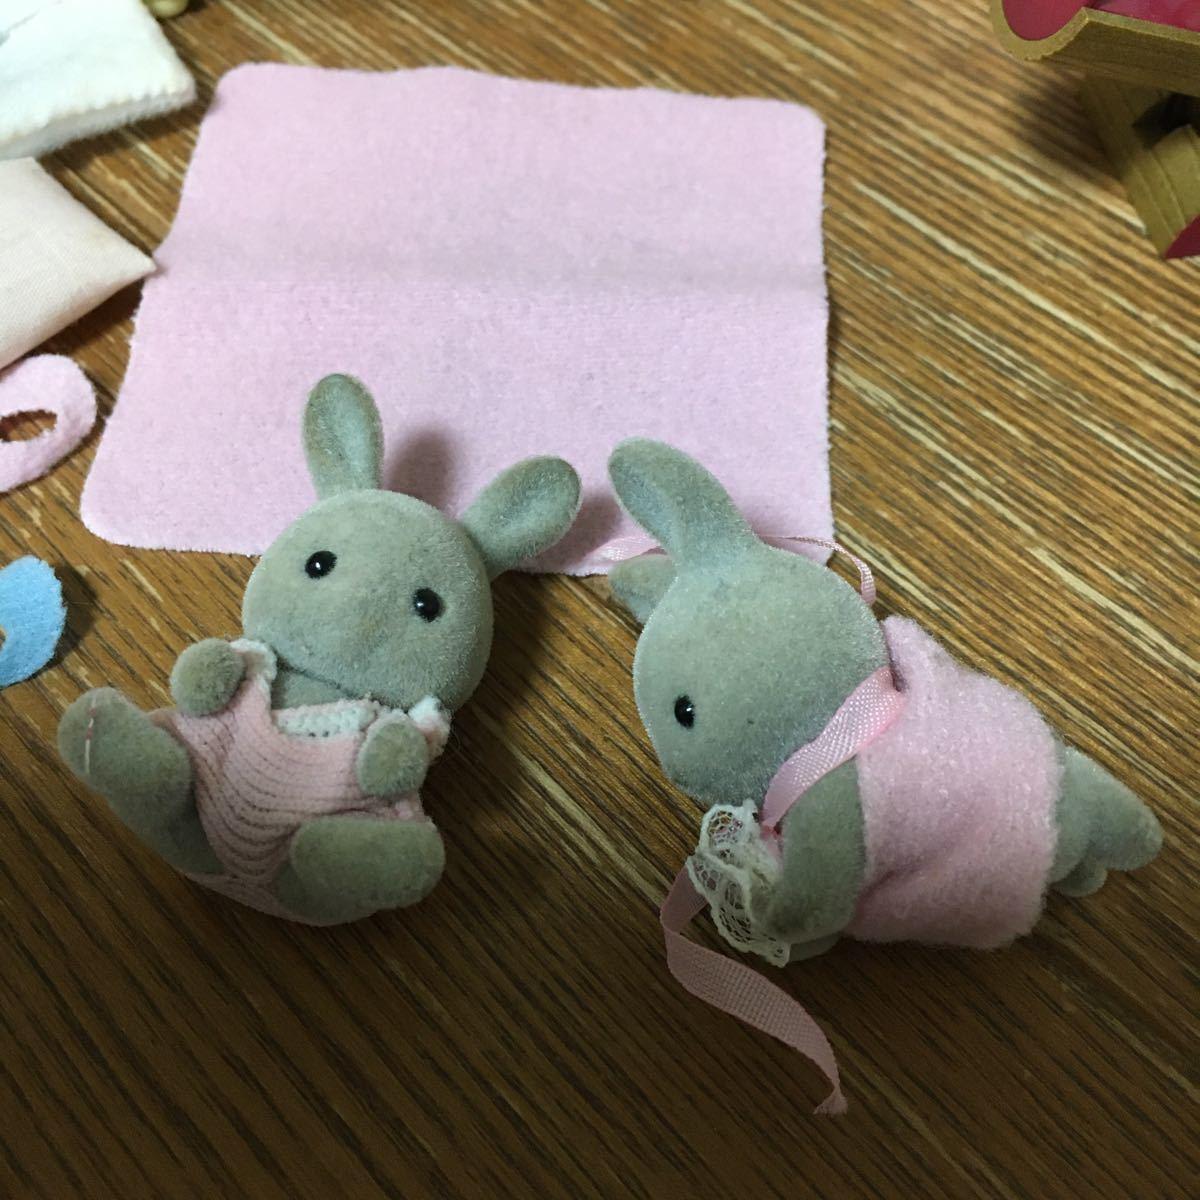 シルバニアファミリー ベビー家具セット 双子 赤ちゃん グレー_画像2